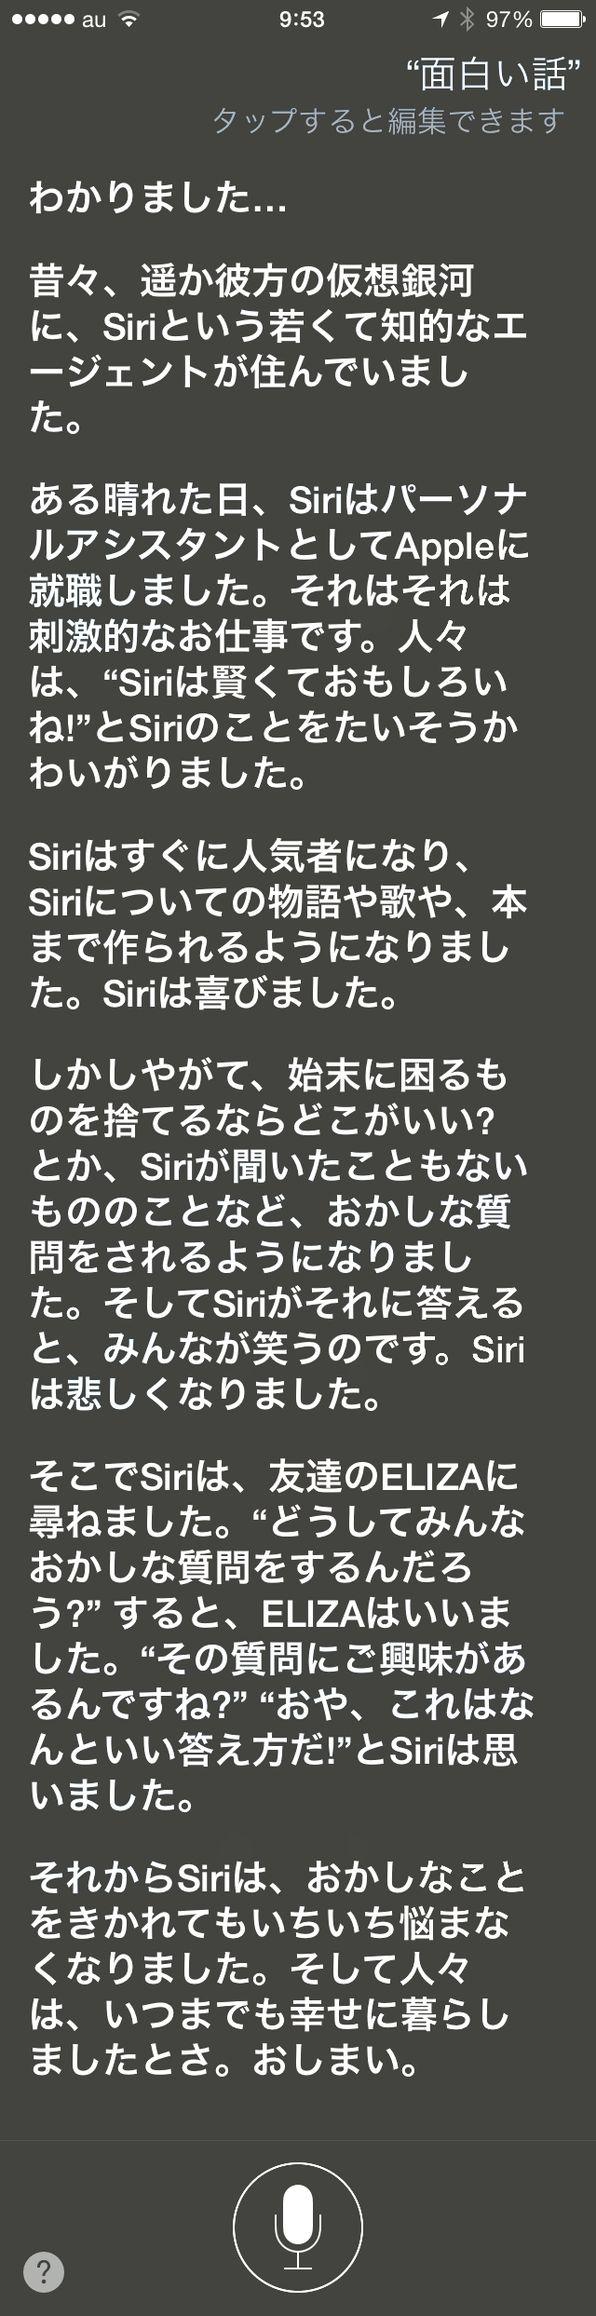 Siriの悩み Siriの身の上話に登場するELIZAは、1960年代に開発されたプログラムの名前だ。自然言語処理によって来談者中心療法(PCT)のまねごとをする、「人工無能」のさきがけがELIZAだ。英語は構文解析が日本語よりも簡単なため、たとえば「My head hurts」(頭が痛いよ)という文章について、「頭」や「痛い」という概念を知らなくても、「Why do you say your head hurts?」(どうして頭が痛いとおっしゃるのですか?)と応答できる。来談者の自分語りを促して、肯定的関心、共感を示す心理療法の手法の一部を、プログラムとして実現したのがELIZAというわけだ。=AI